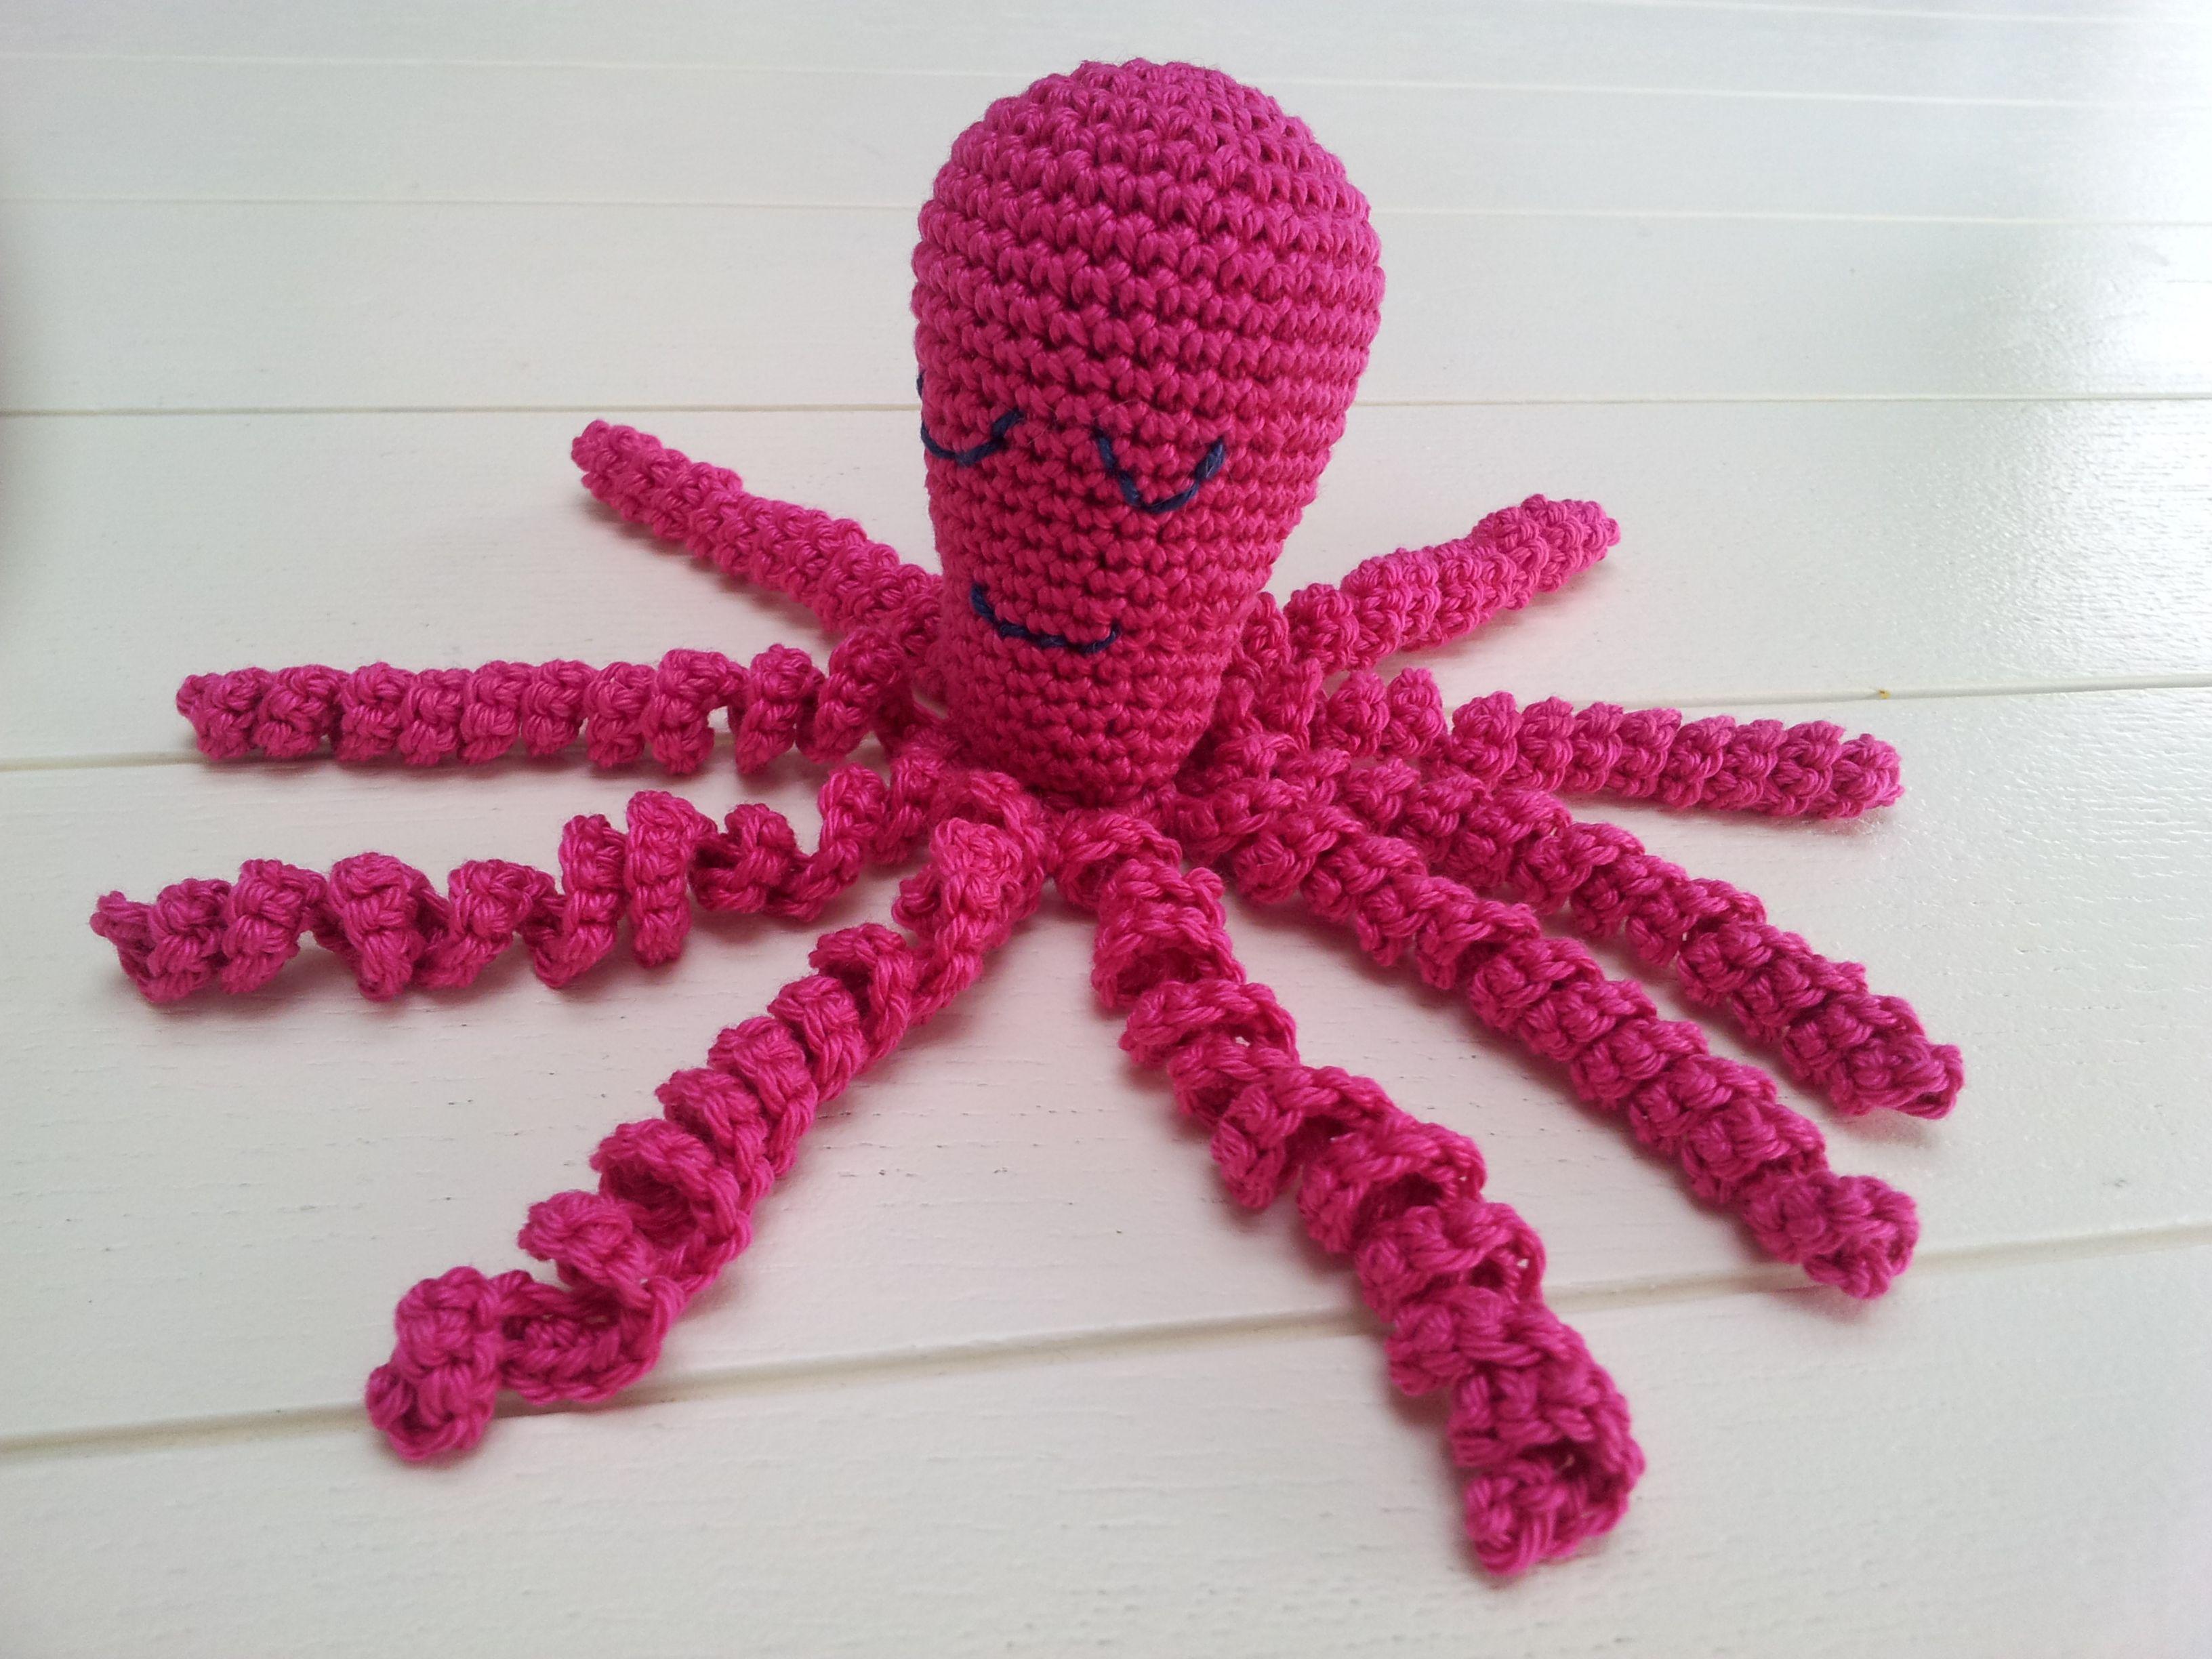 Inktvis Haken Voor Het Goede Doel Haken Pinterest Crochet